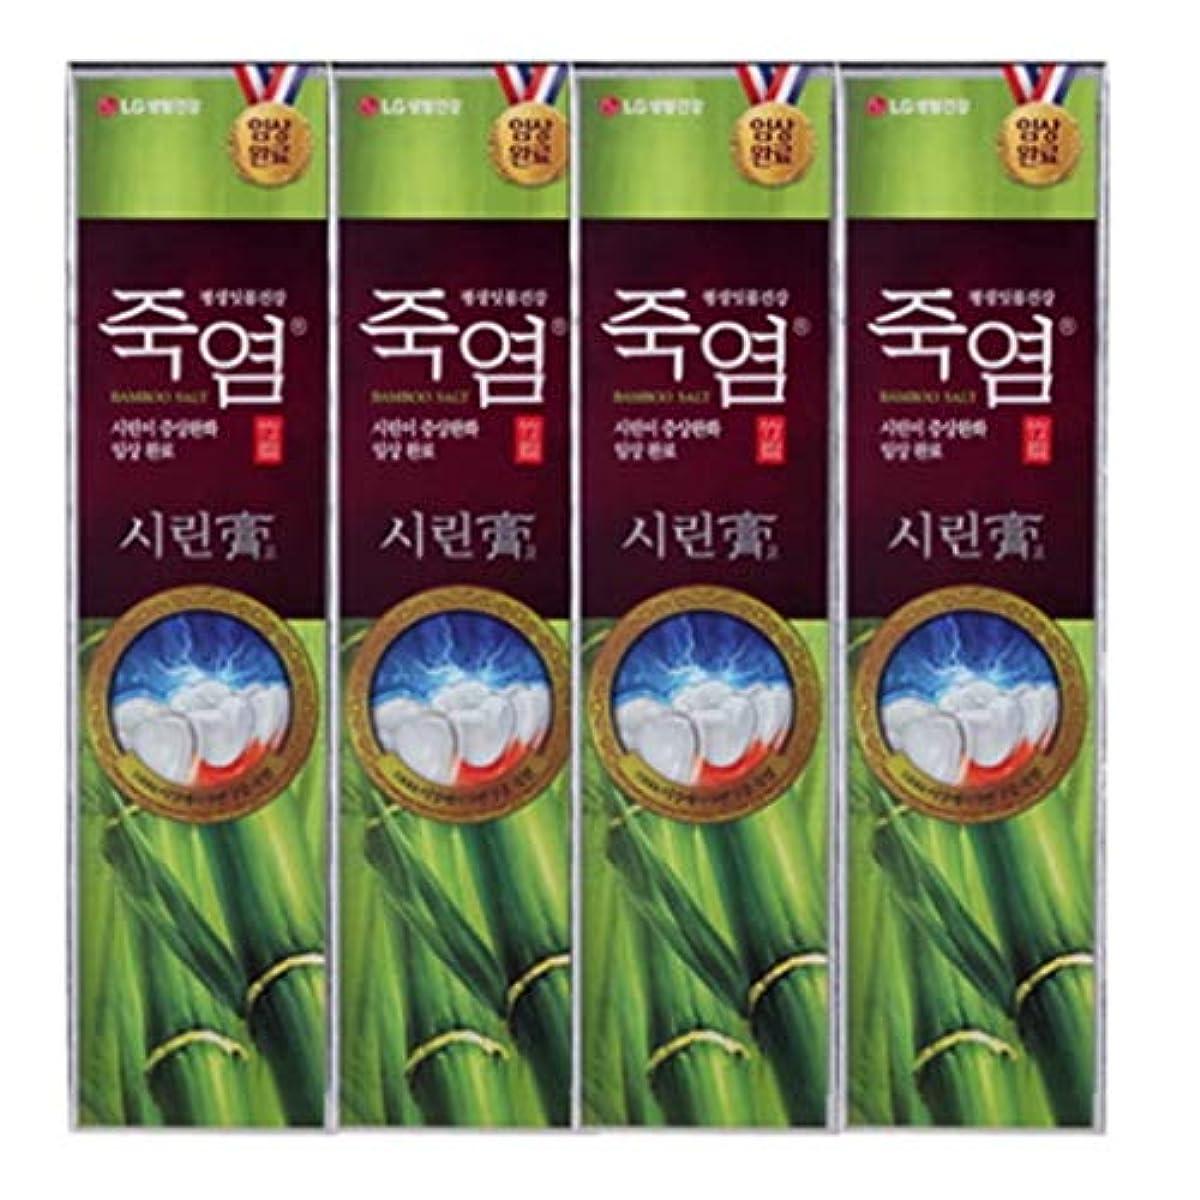 変換する確保する代理店[LG Care/LG生活健康]竹塩歯磨き粉つぶれて歯茎を健康に120g x4ea/歯磨きセットスペシャル?リミテッドToothpaste Set Special Limited Korea(海外直送品)